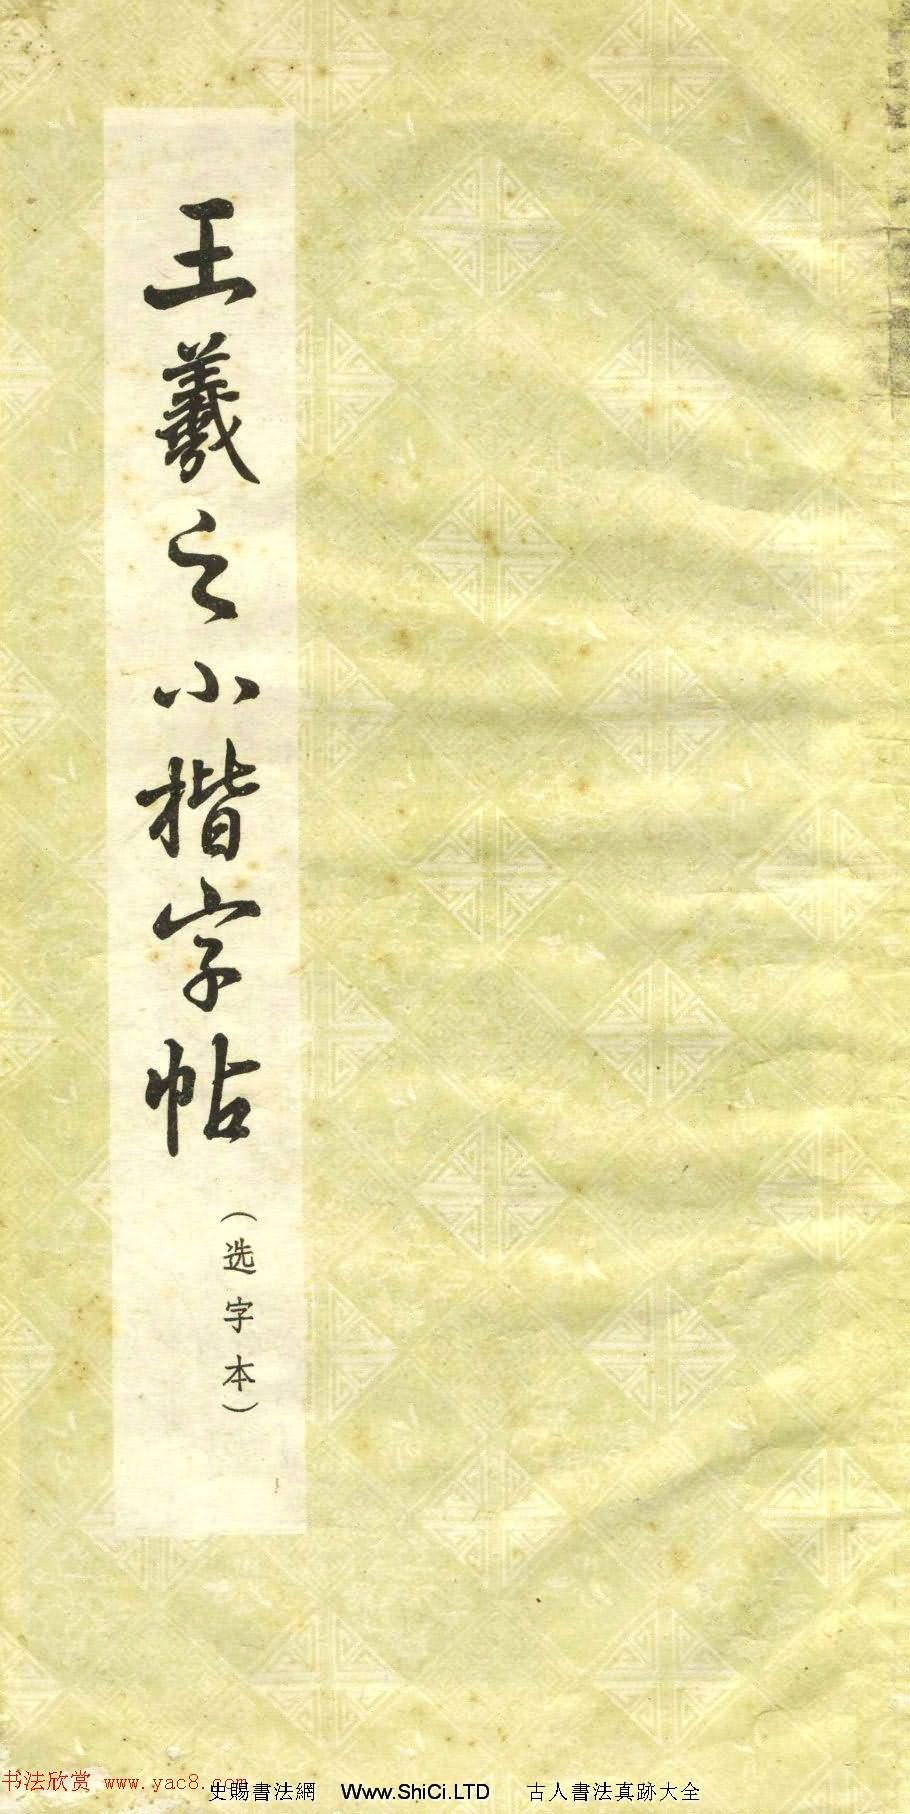 正楷字體範本《王羲之小楷字帖》(共8張圖片)